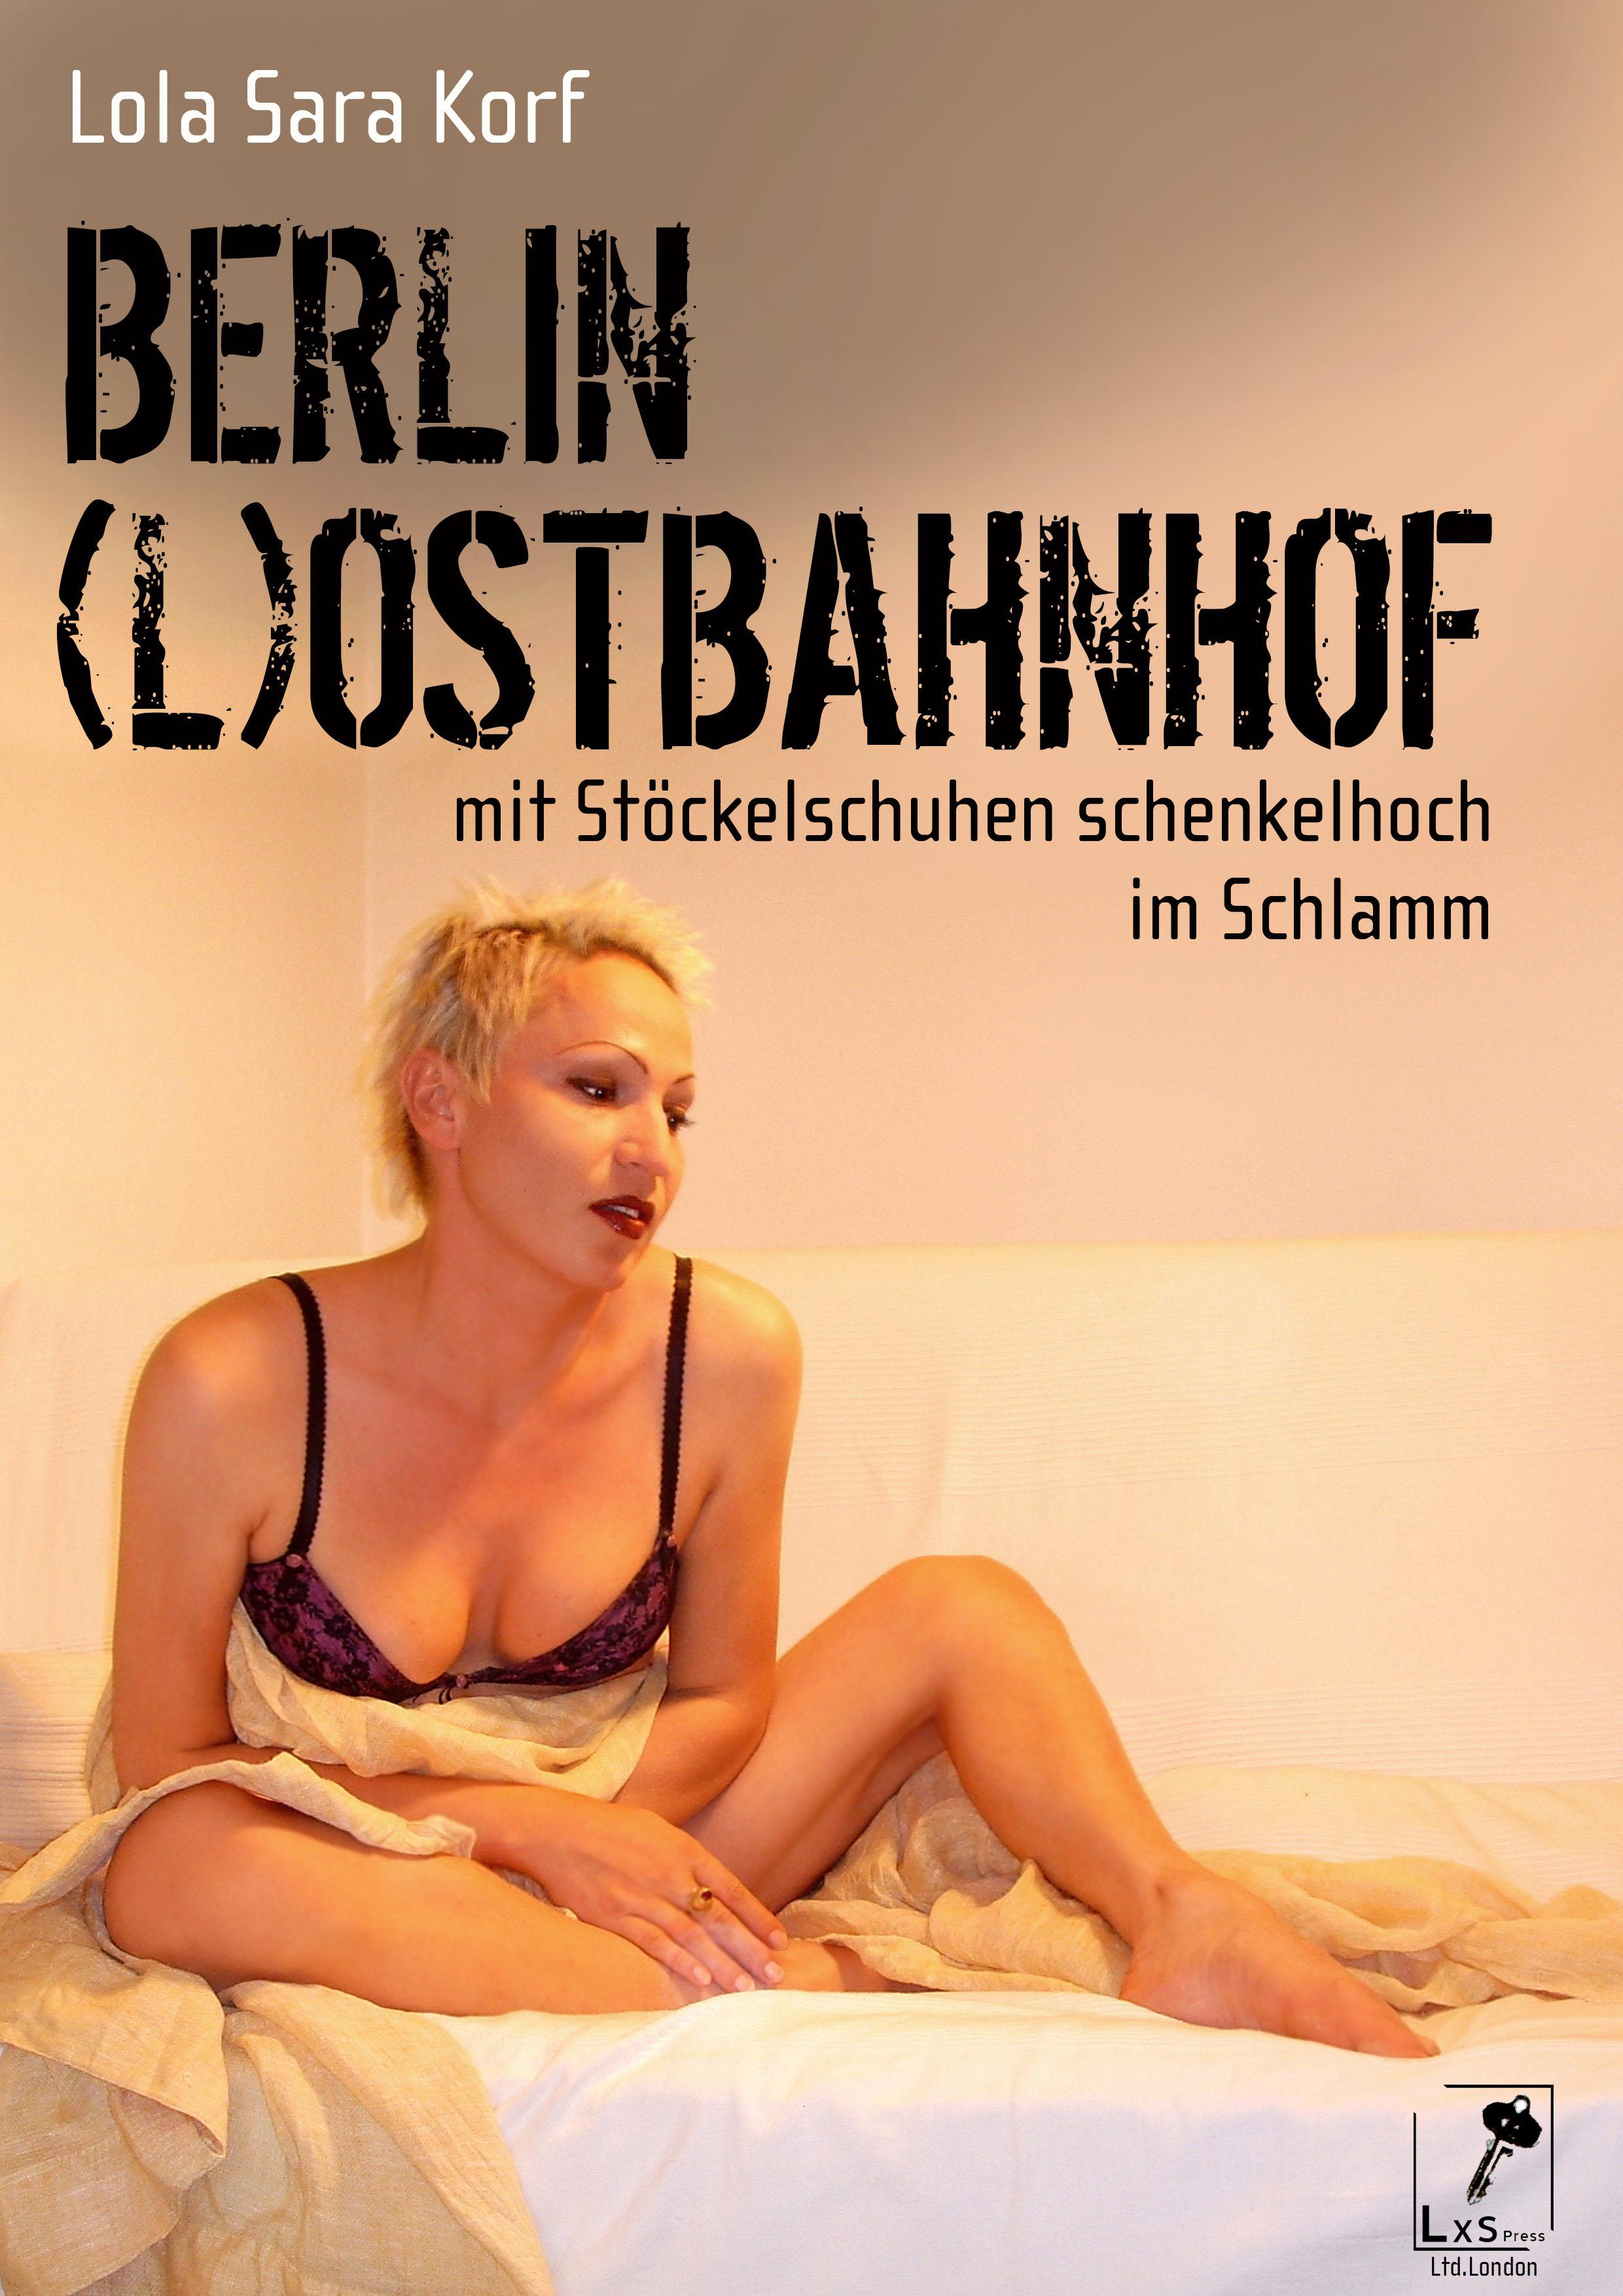 lostbahnhof